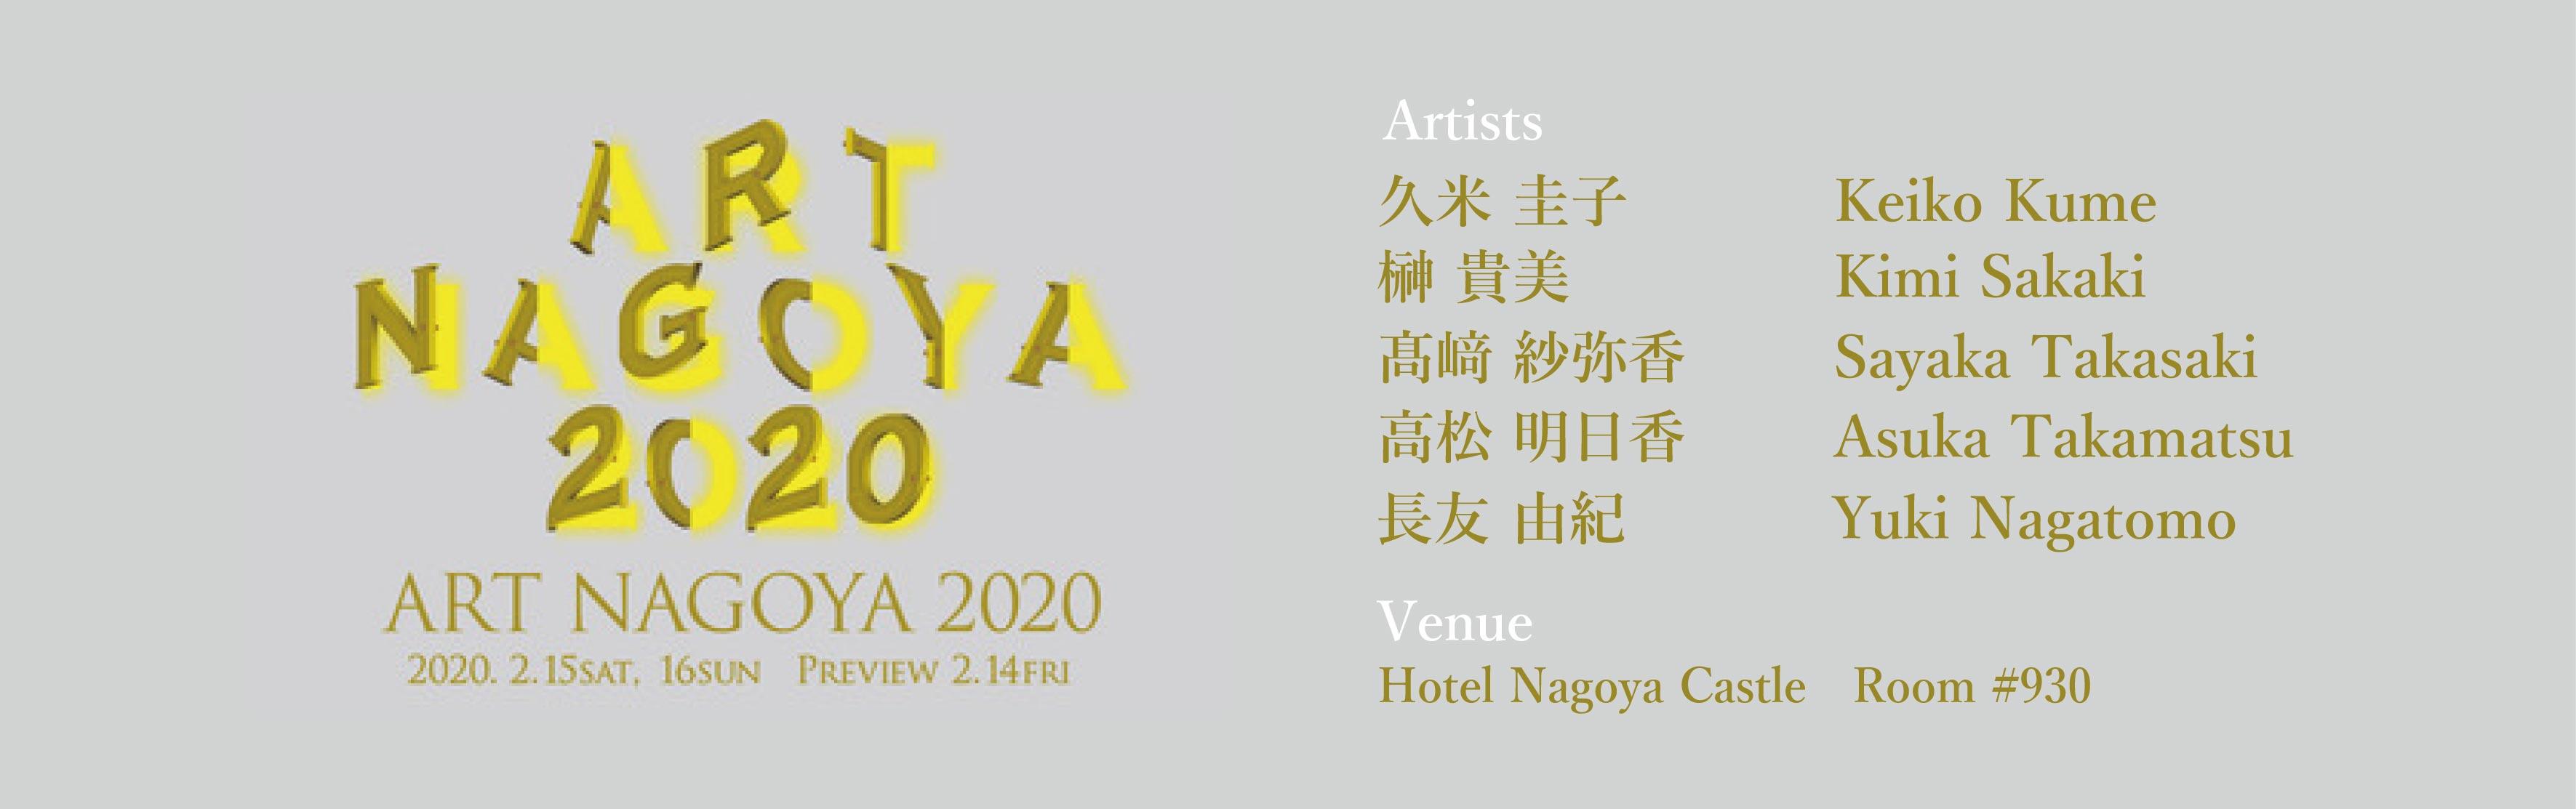 banner_artnagoya_eng2